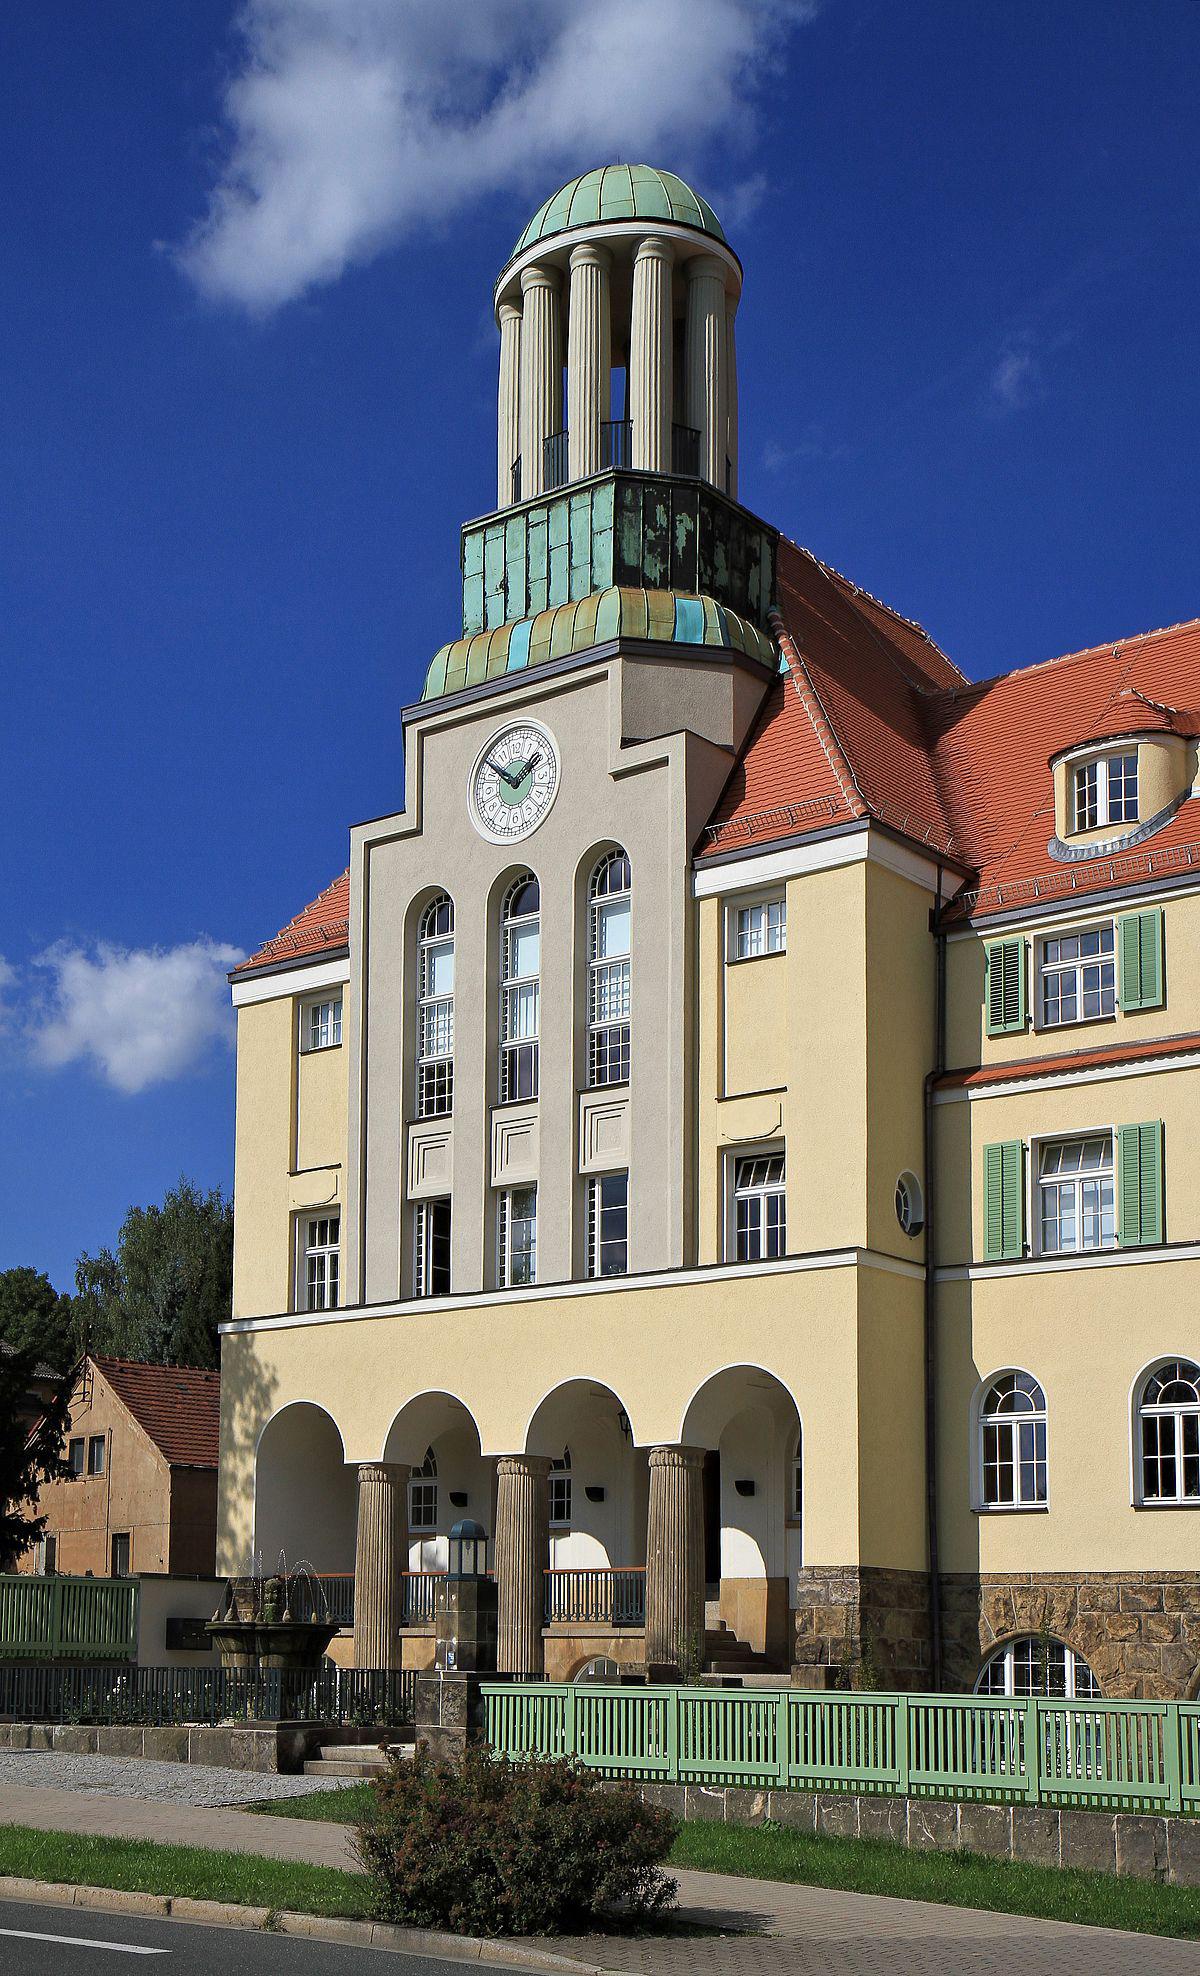 Geschäftssitz der Wohnungsgesellschaft Freital mbH, Lutherstrße 22,01705 Freital